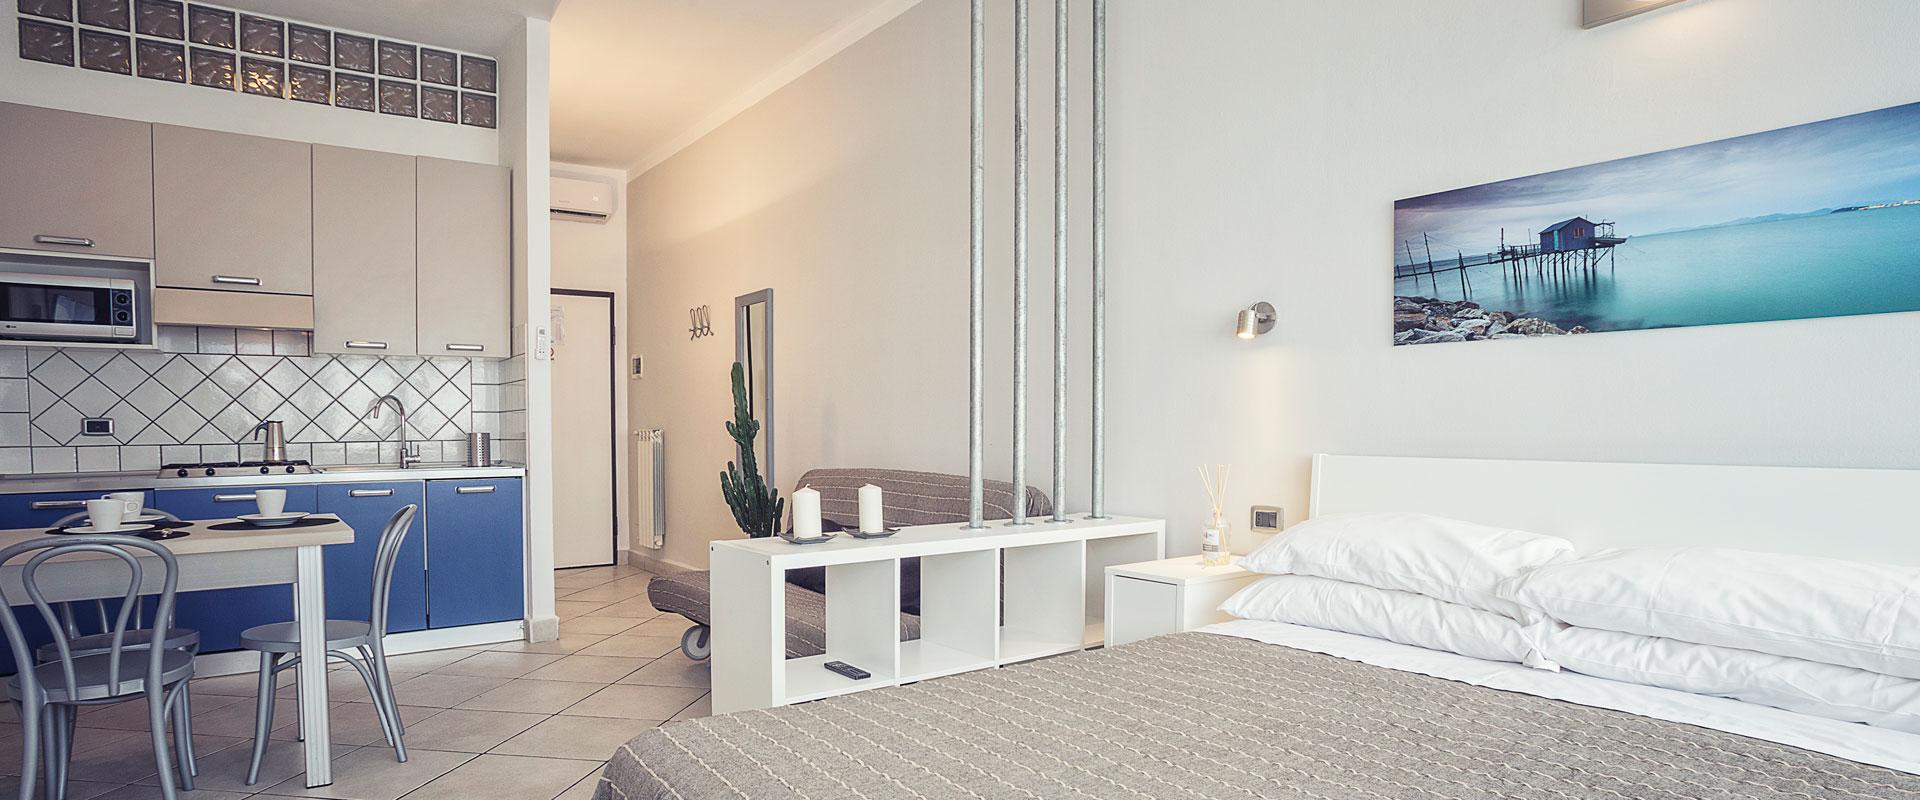 Appartamenti monolocale Piombino